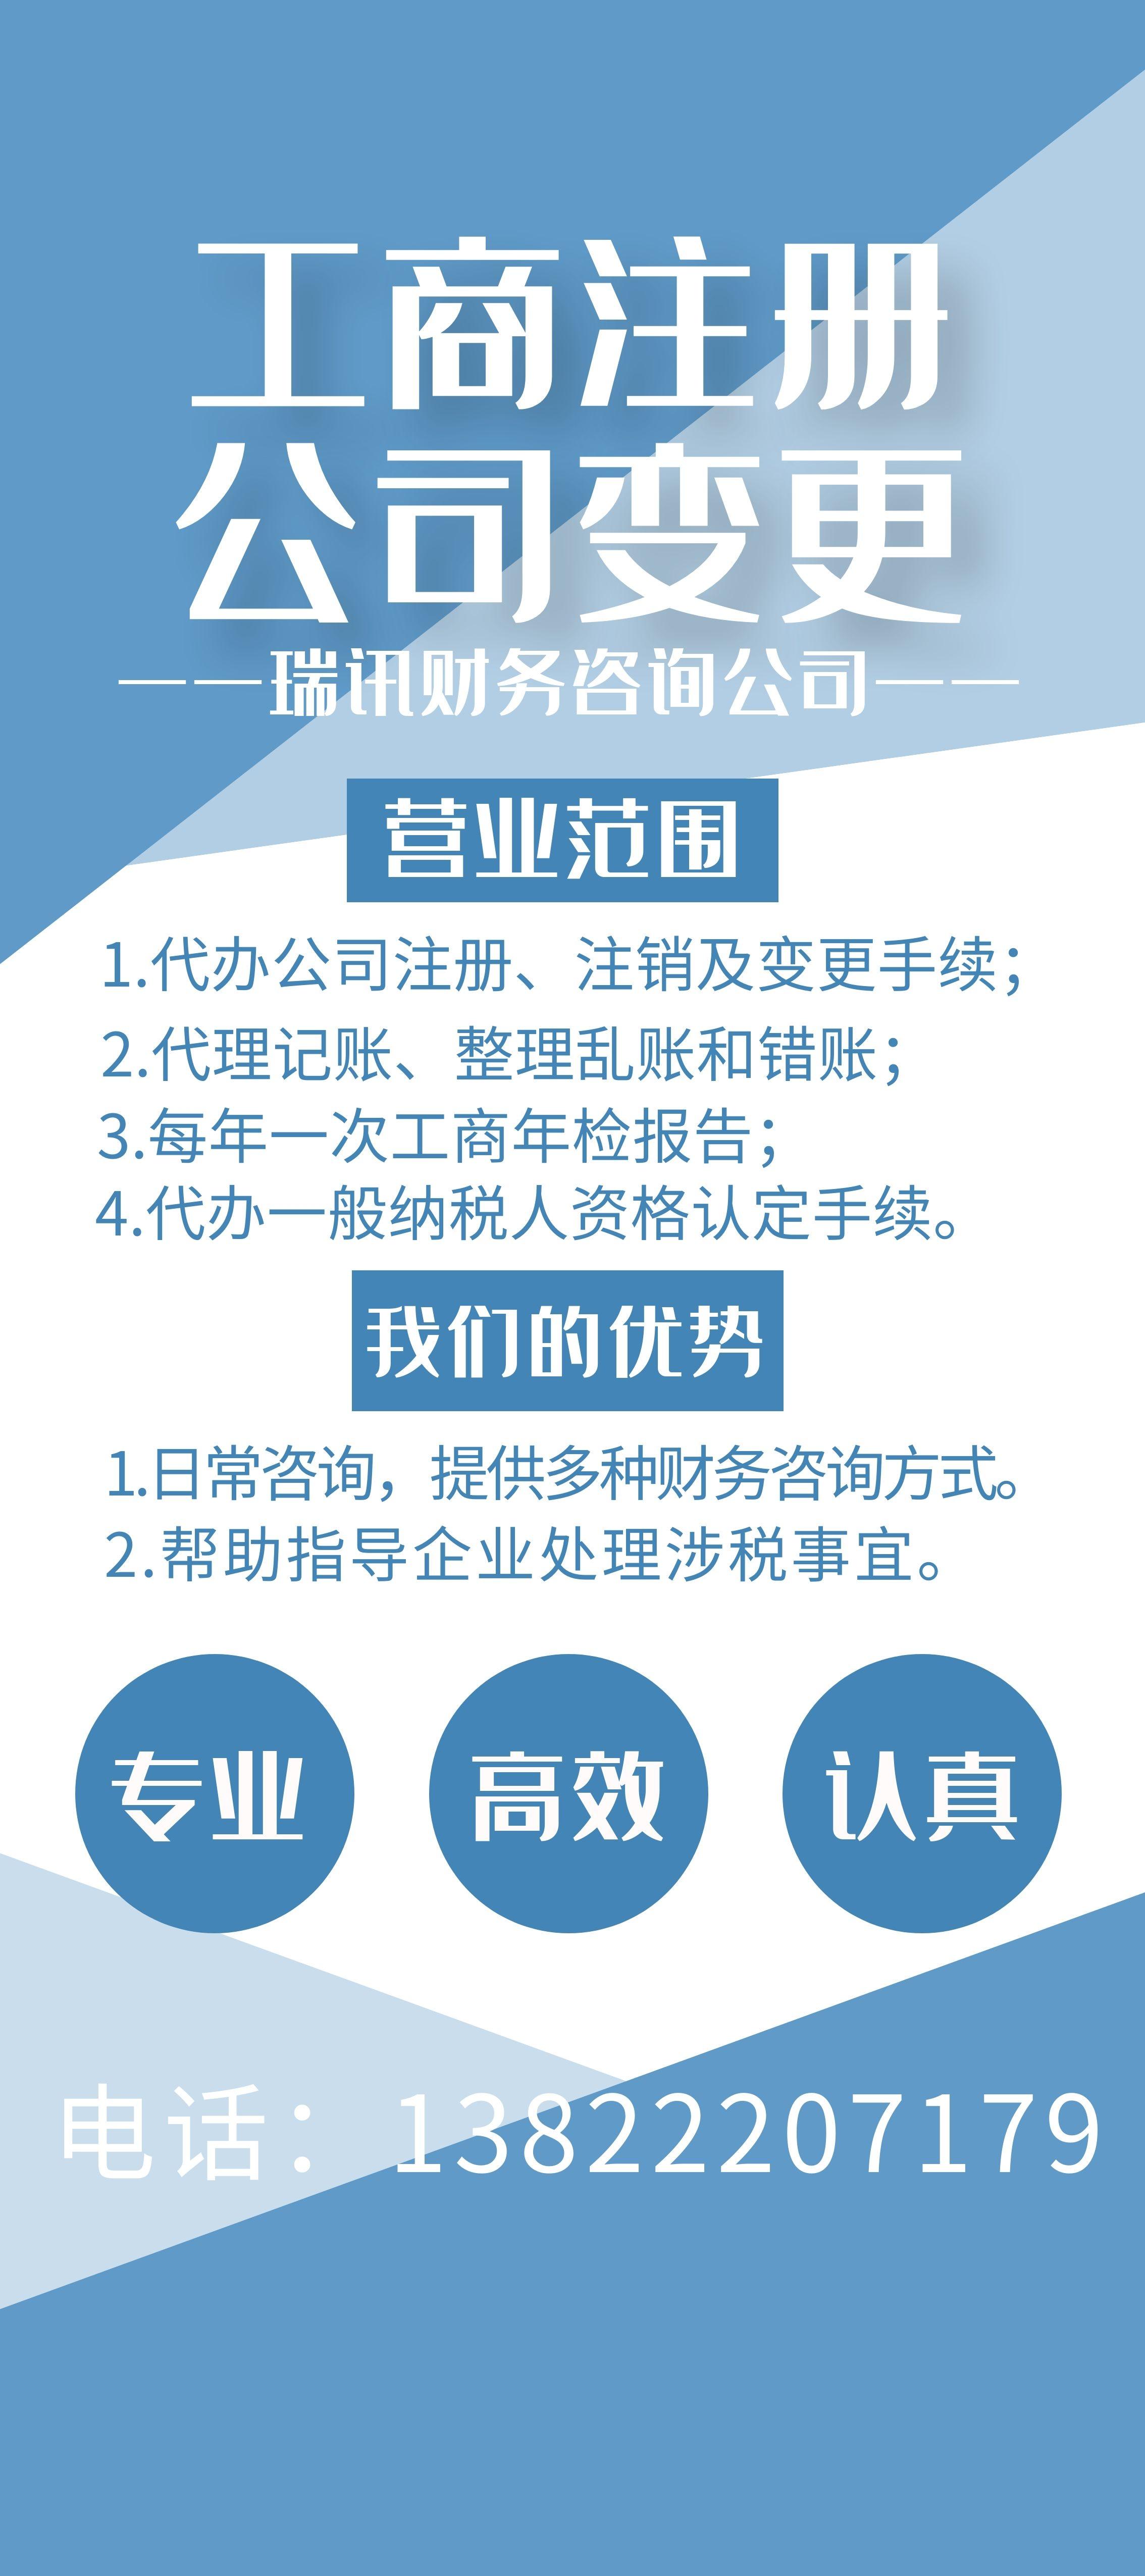 广州黄埔区公司代办注册公司|黄埔区公司注册代理